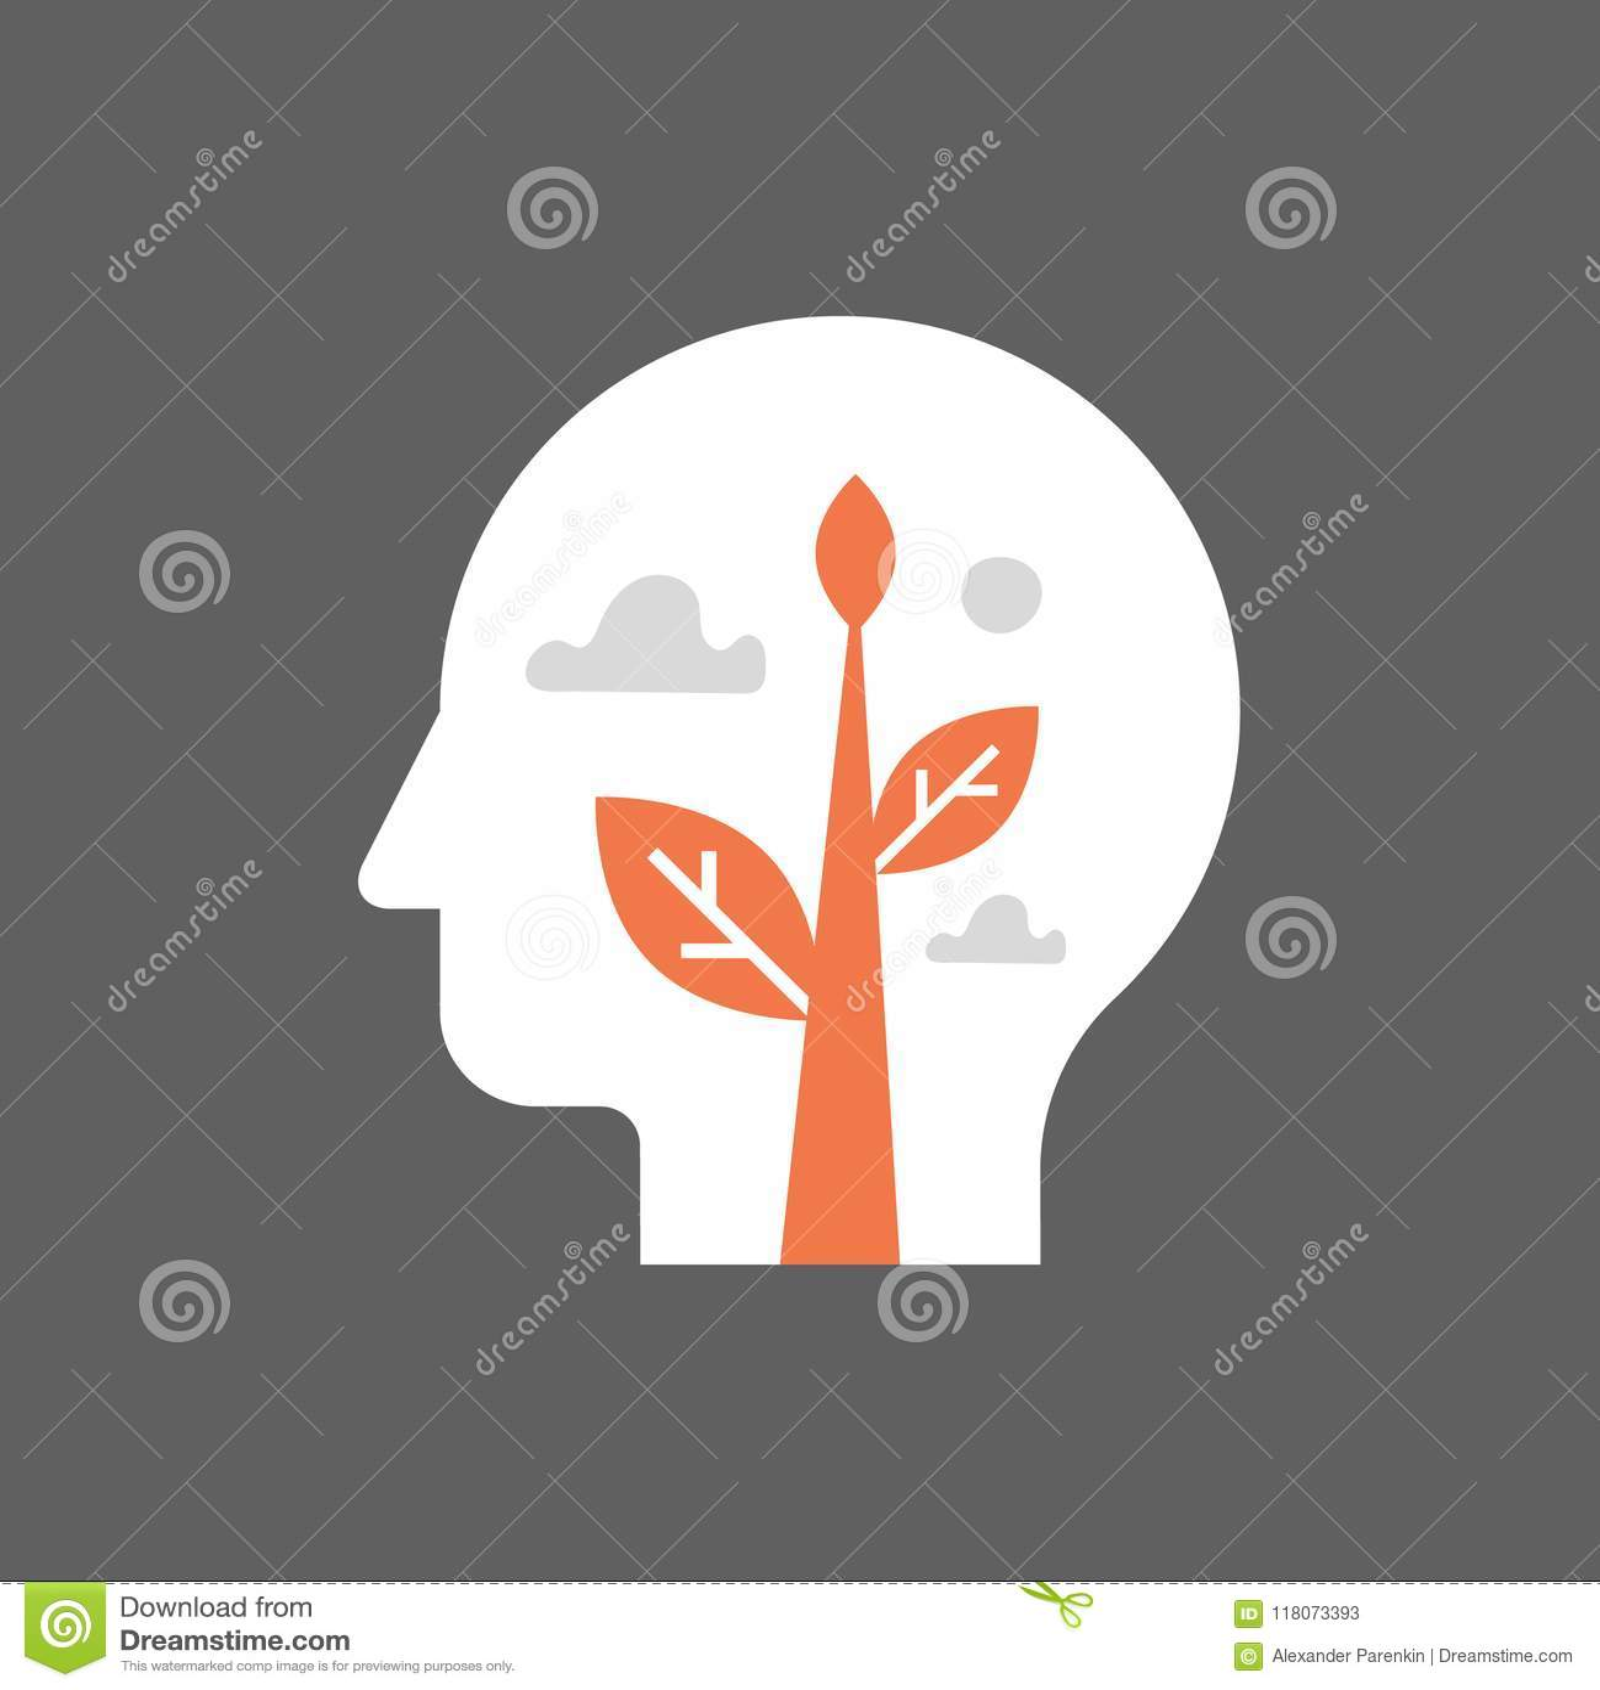 内在片断,自已成长,潜在的发展,精神健康,正面心态,记住生活方式,凝思实践